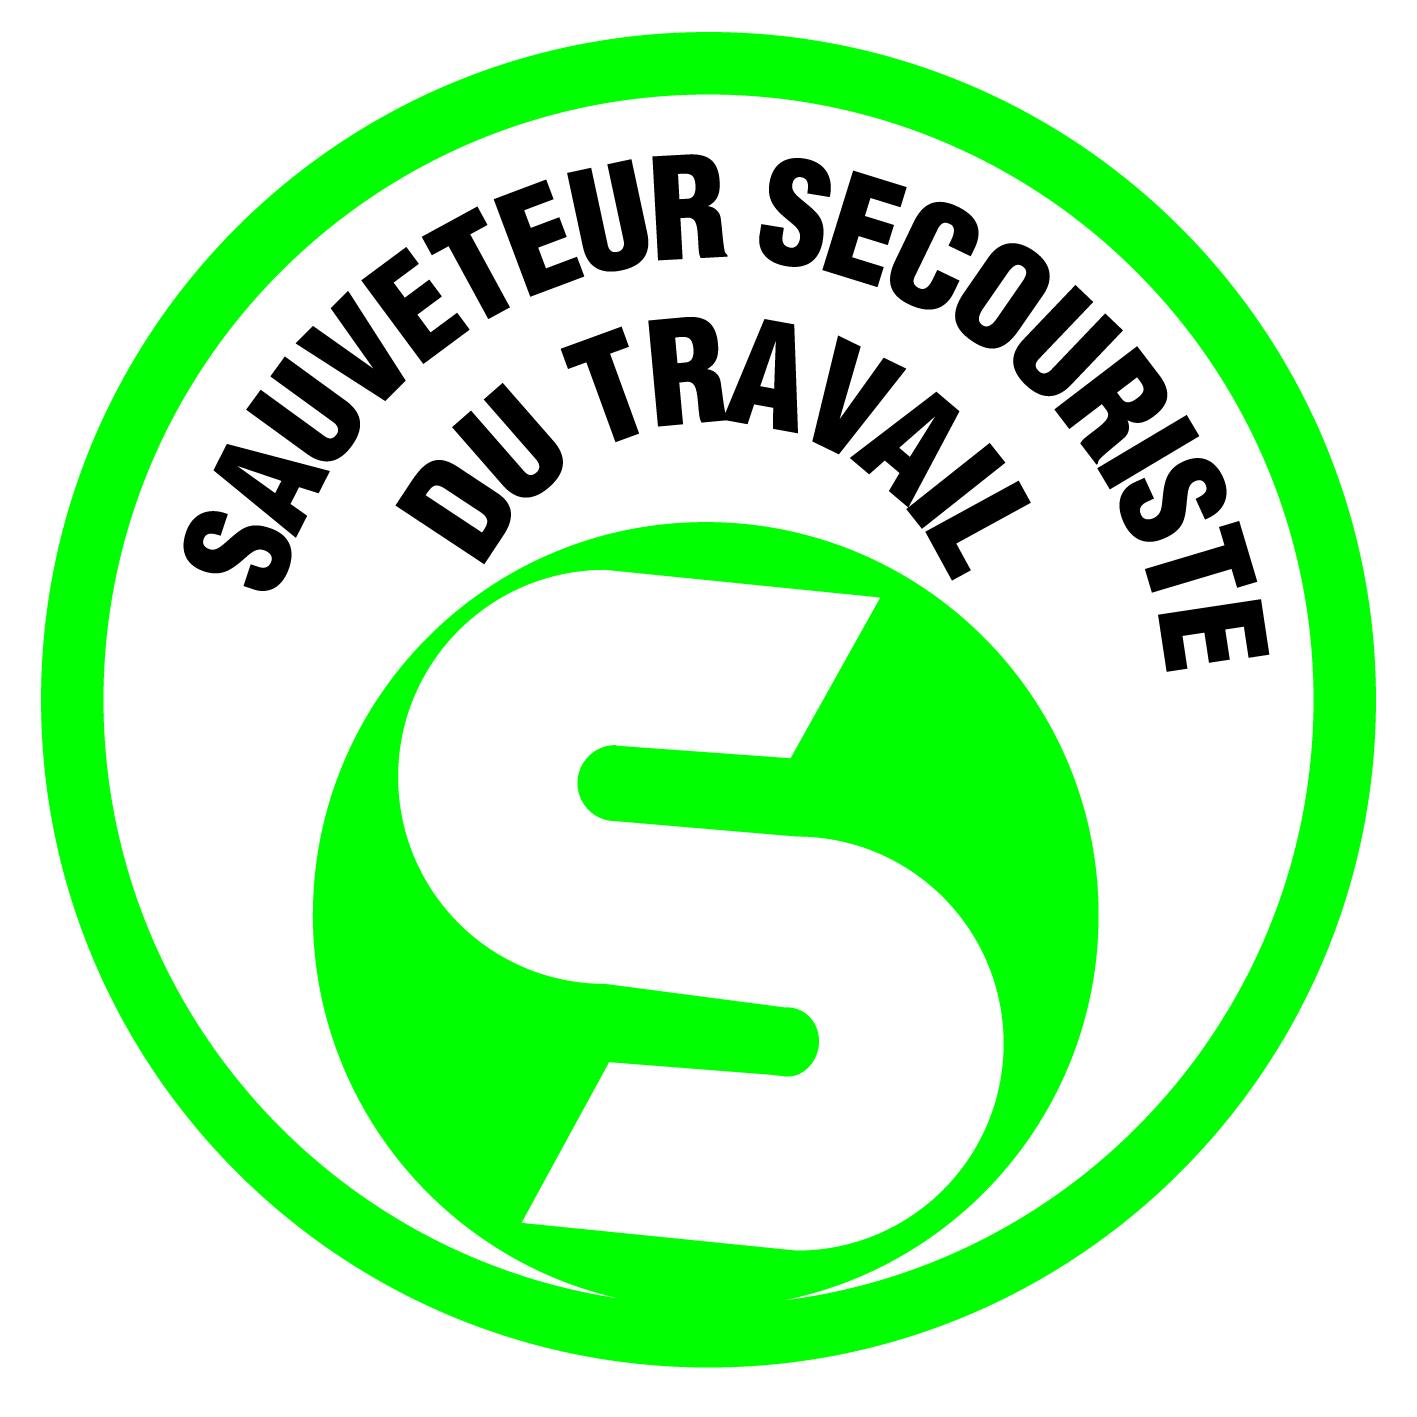 Logo sst 2